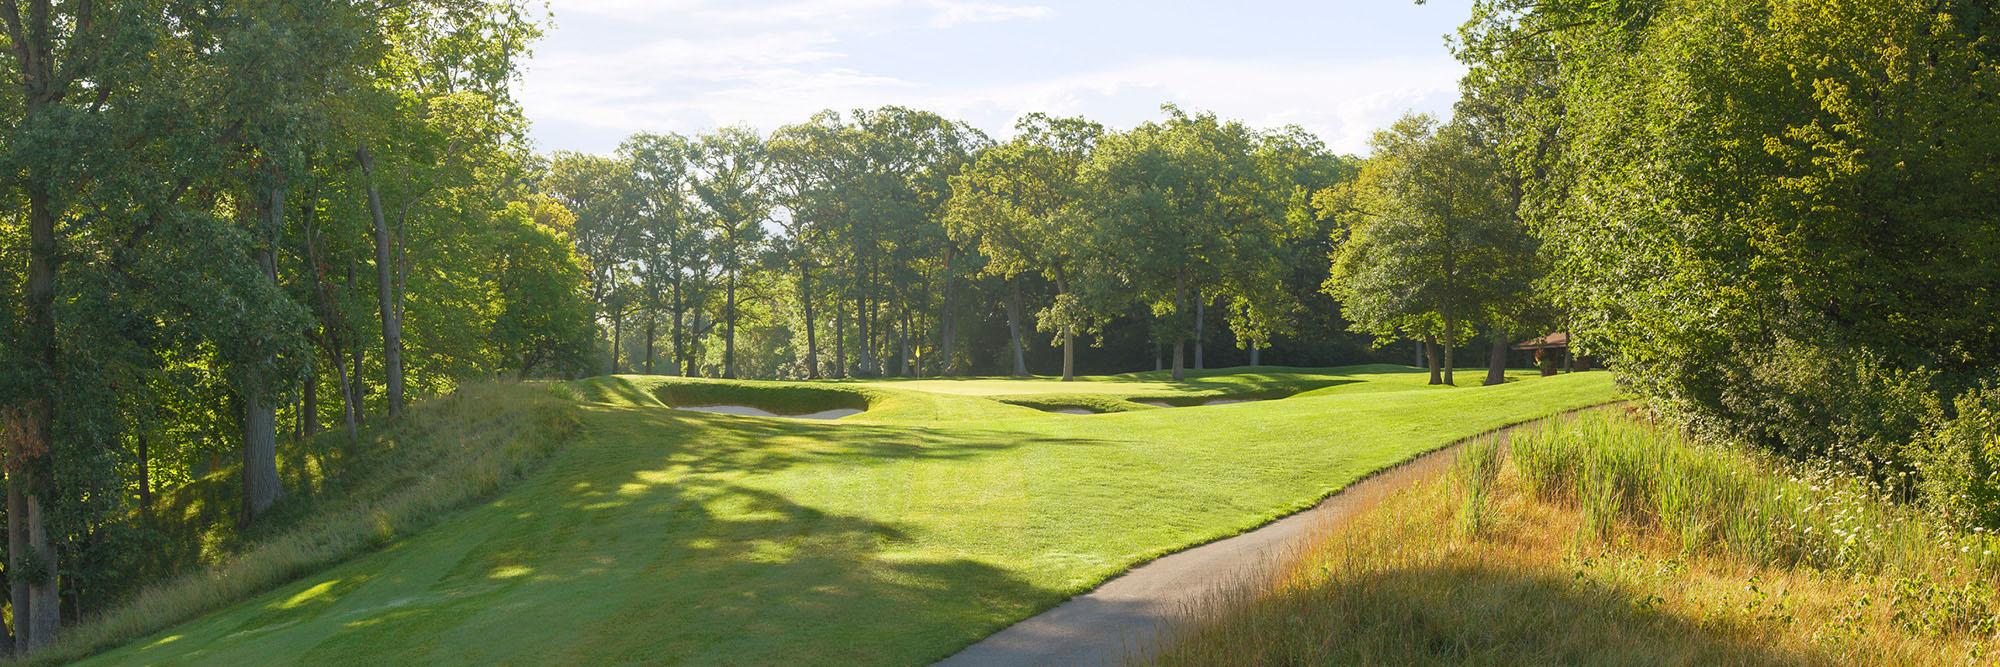 Olympia Fields Country Club